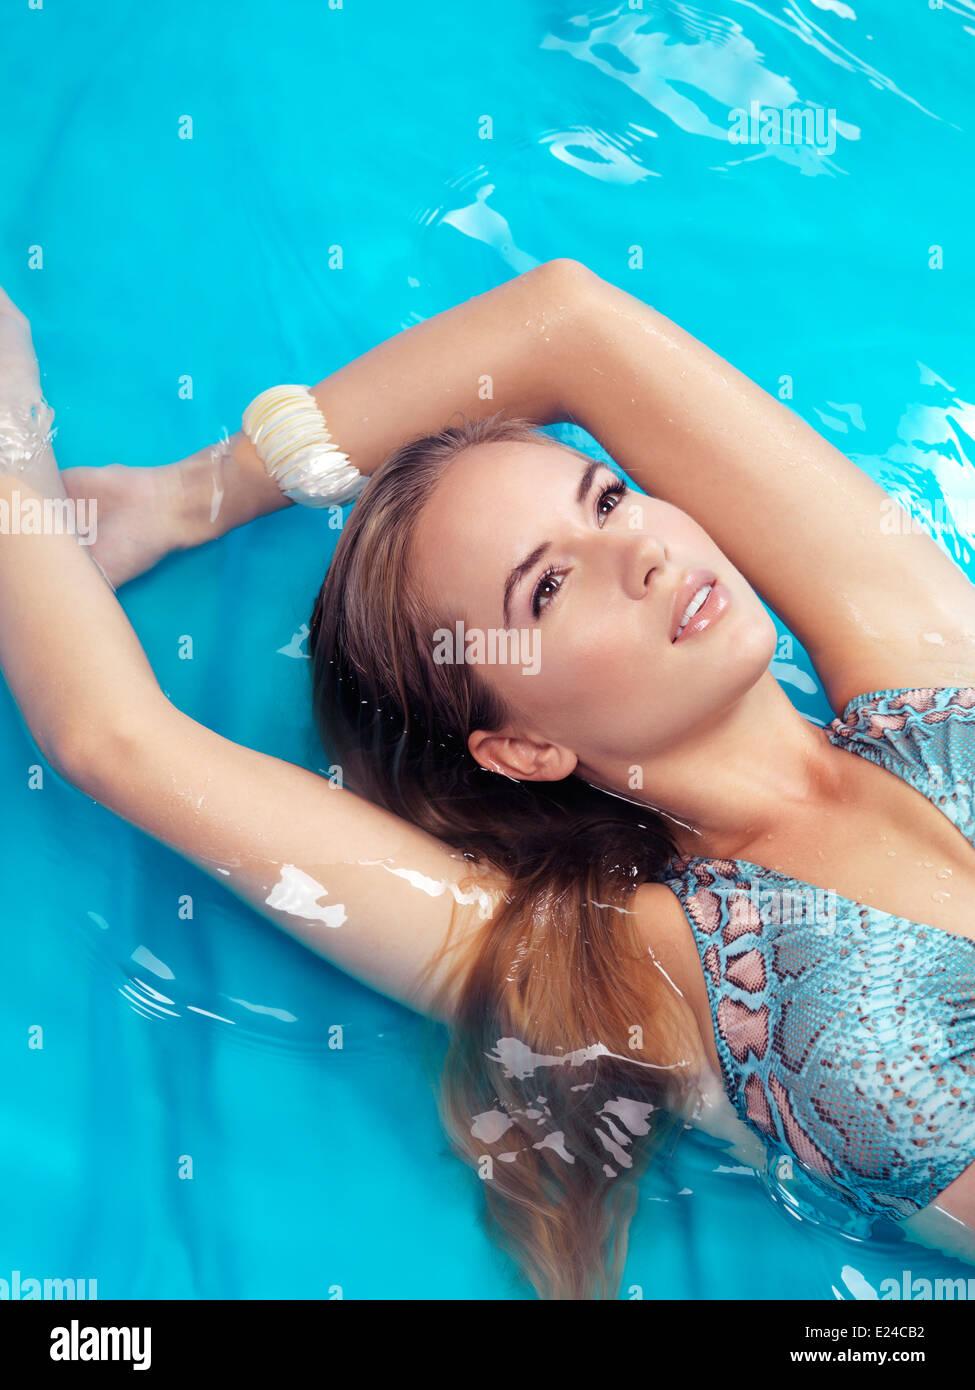 Retrato de una joven y bella mujer con cabello rubio vistiendo un traje de baño acostado en el agua azul Imagen De Stock